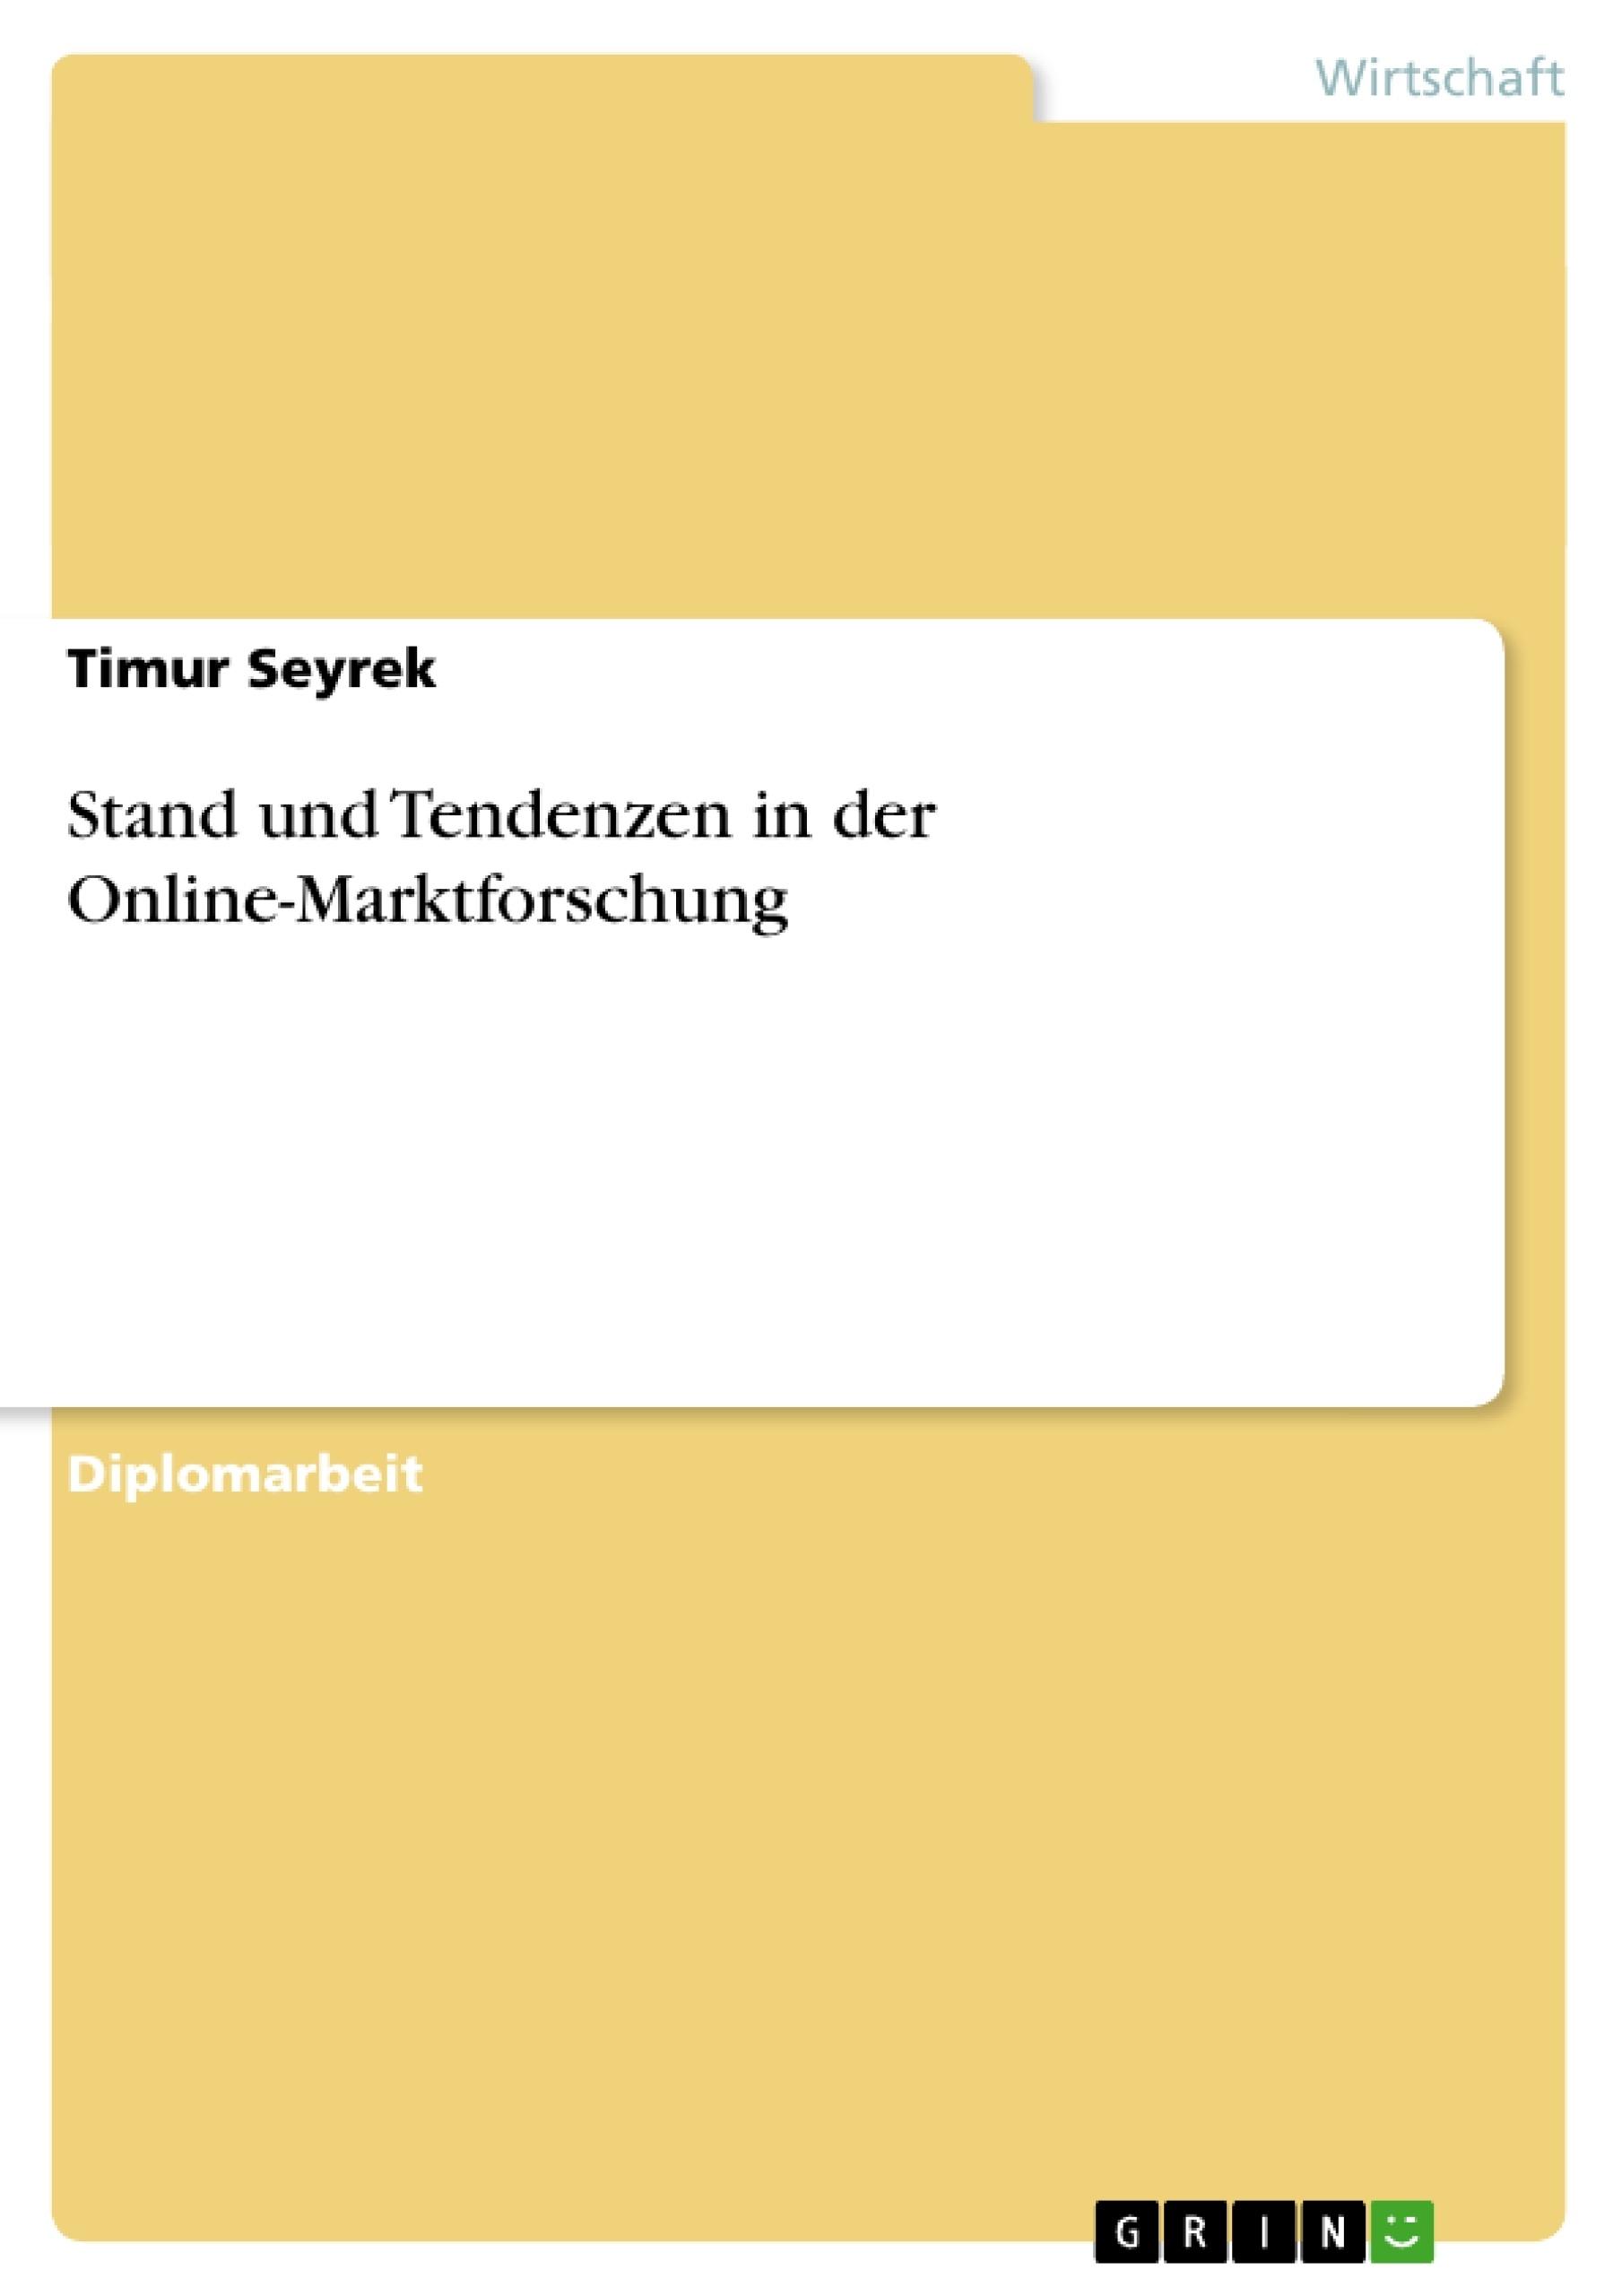 Titel: Stand und Tendenzen in der Online-Marktforschung